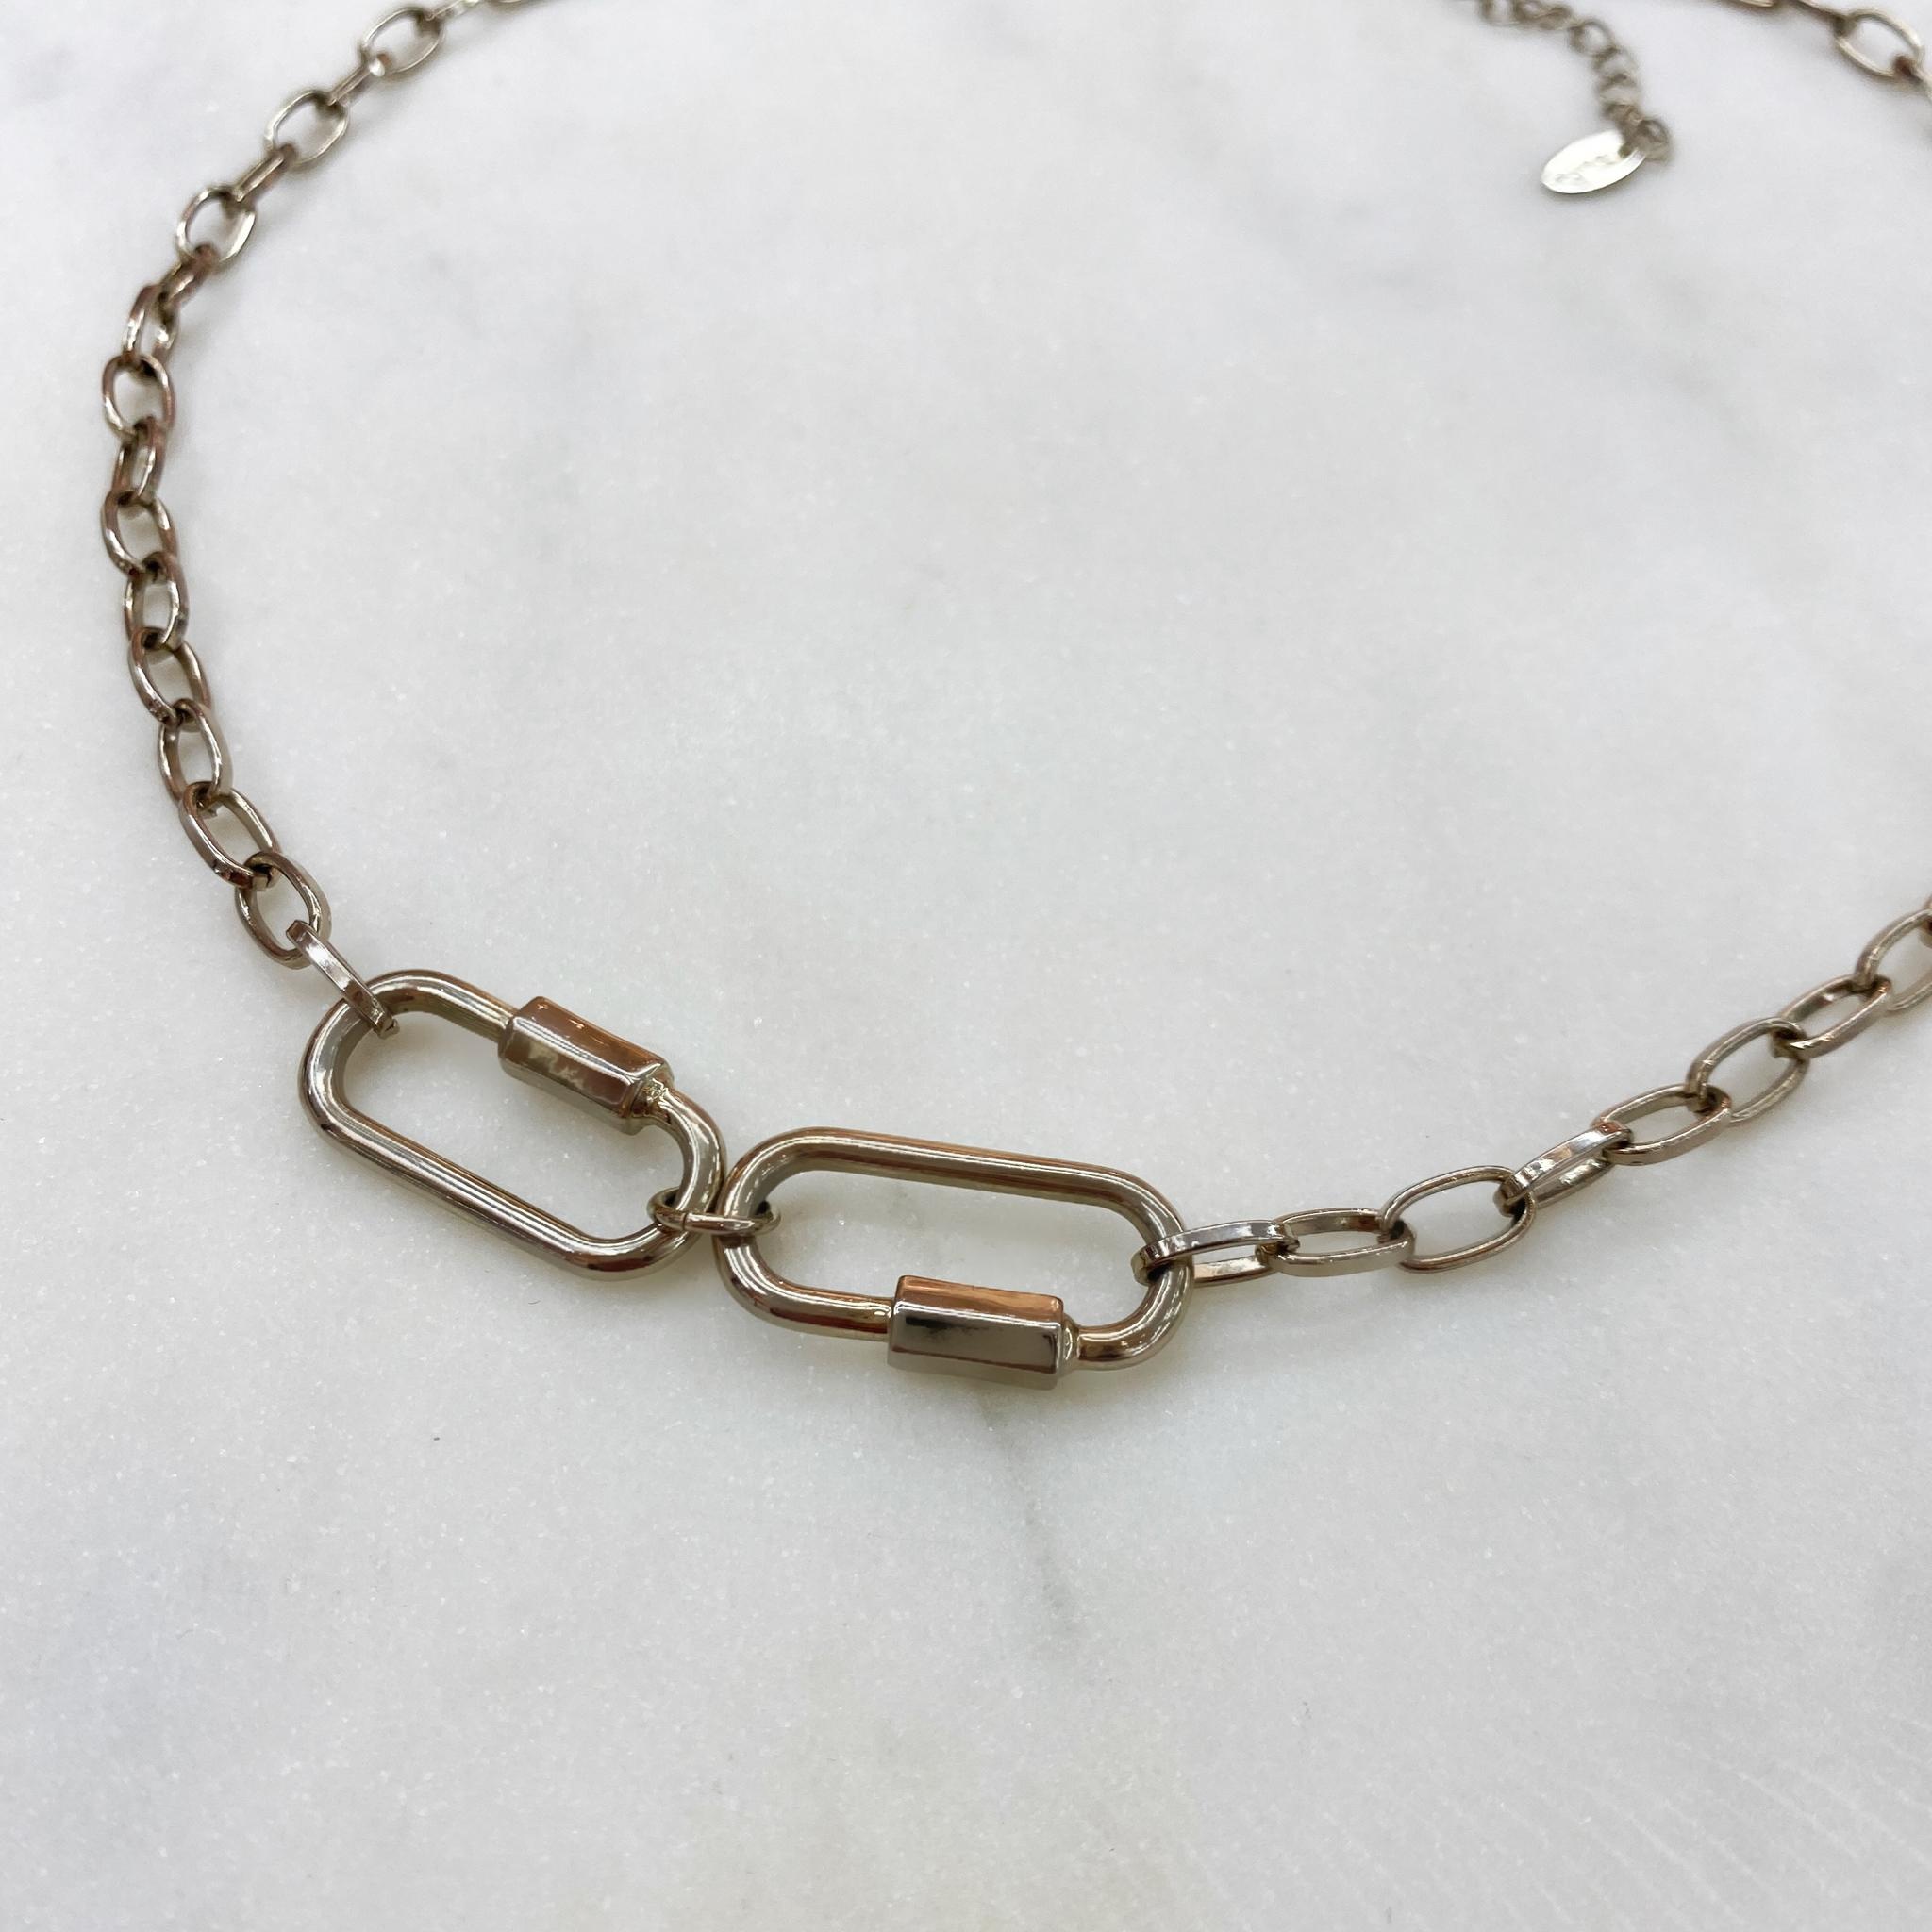 Колье-цепь с двумя центральными карабинами (брасс)